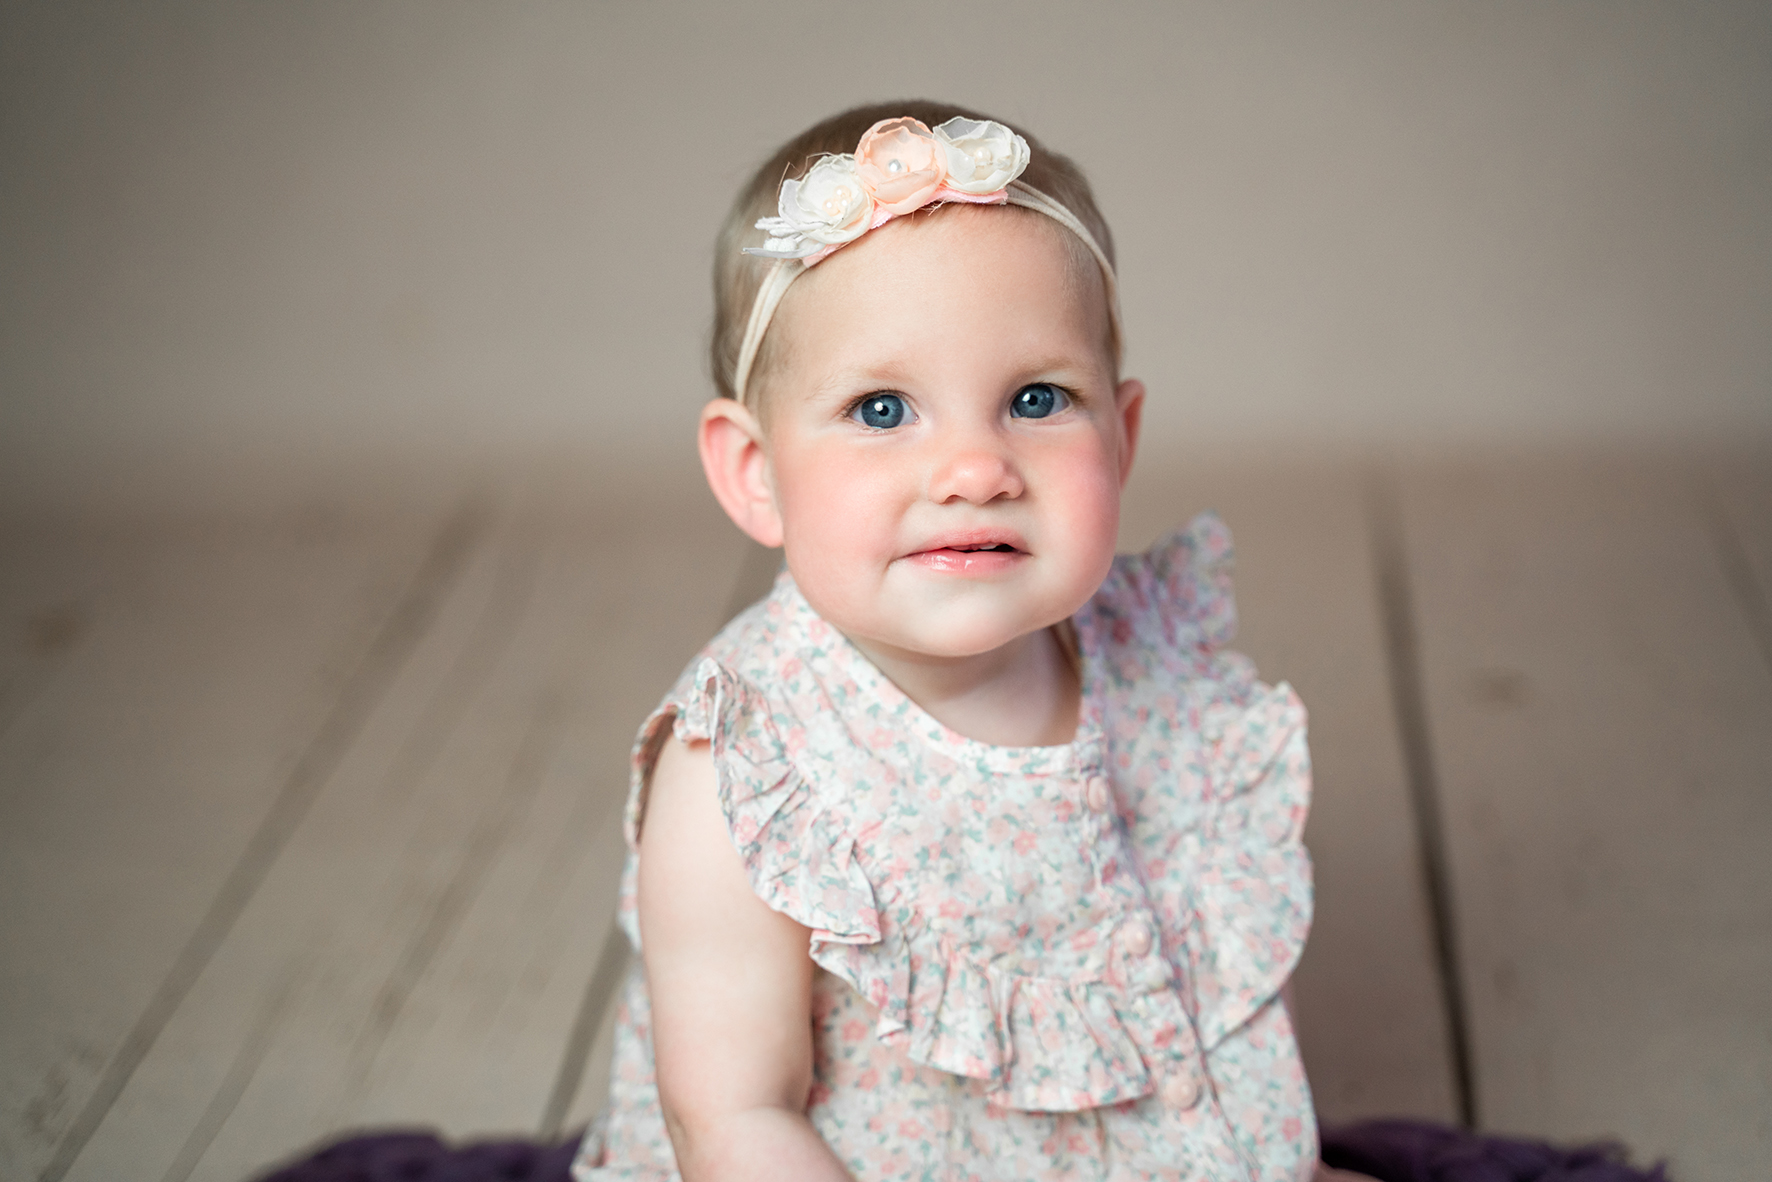 Fotografin Schwanewede Babyfotos und Familienshooting im Fotostudio Kleines Mädchen Vintagestyle